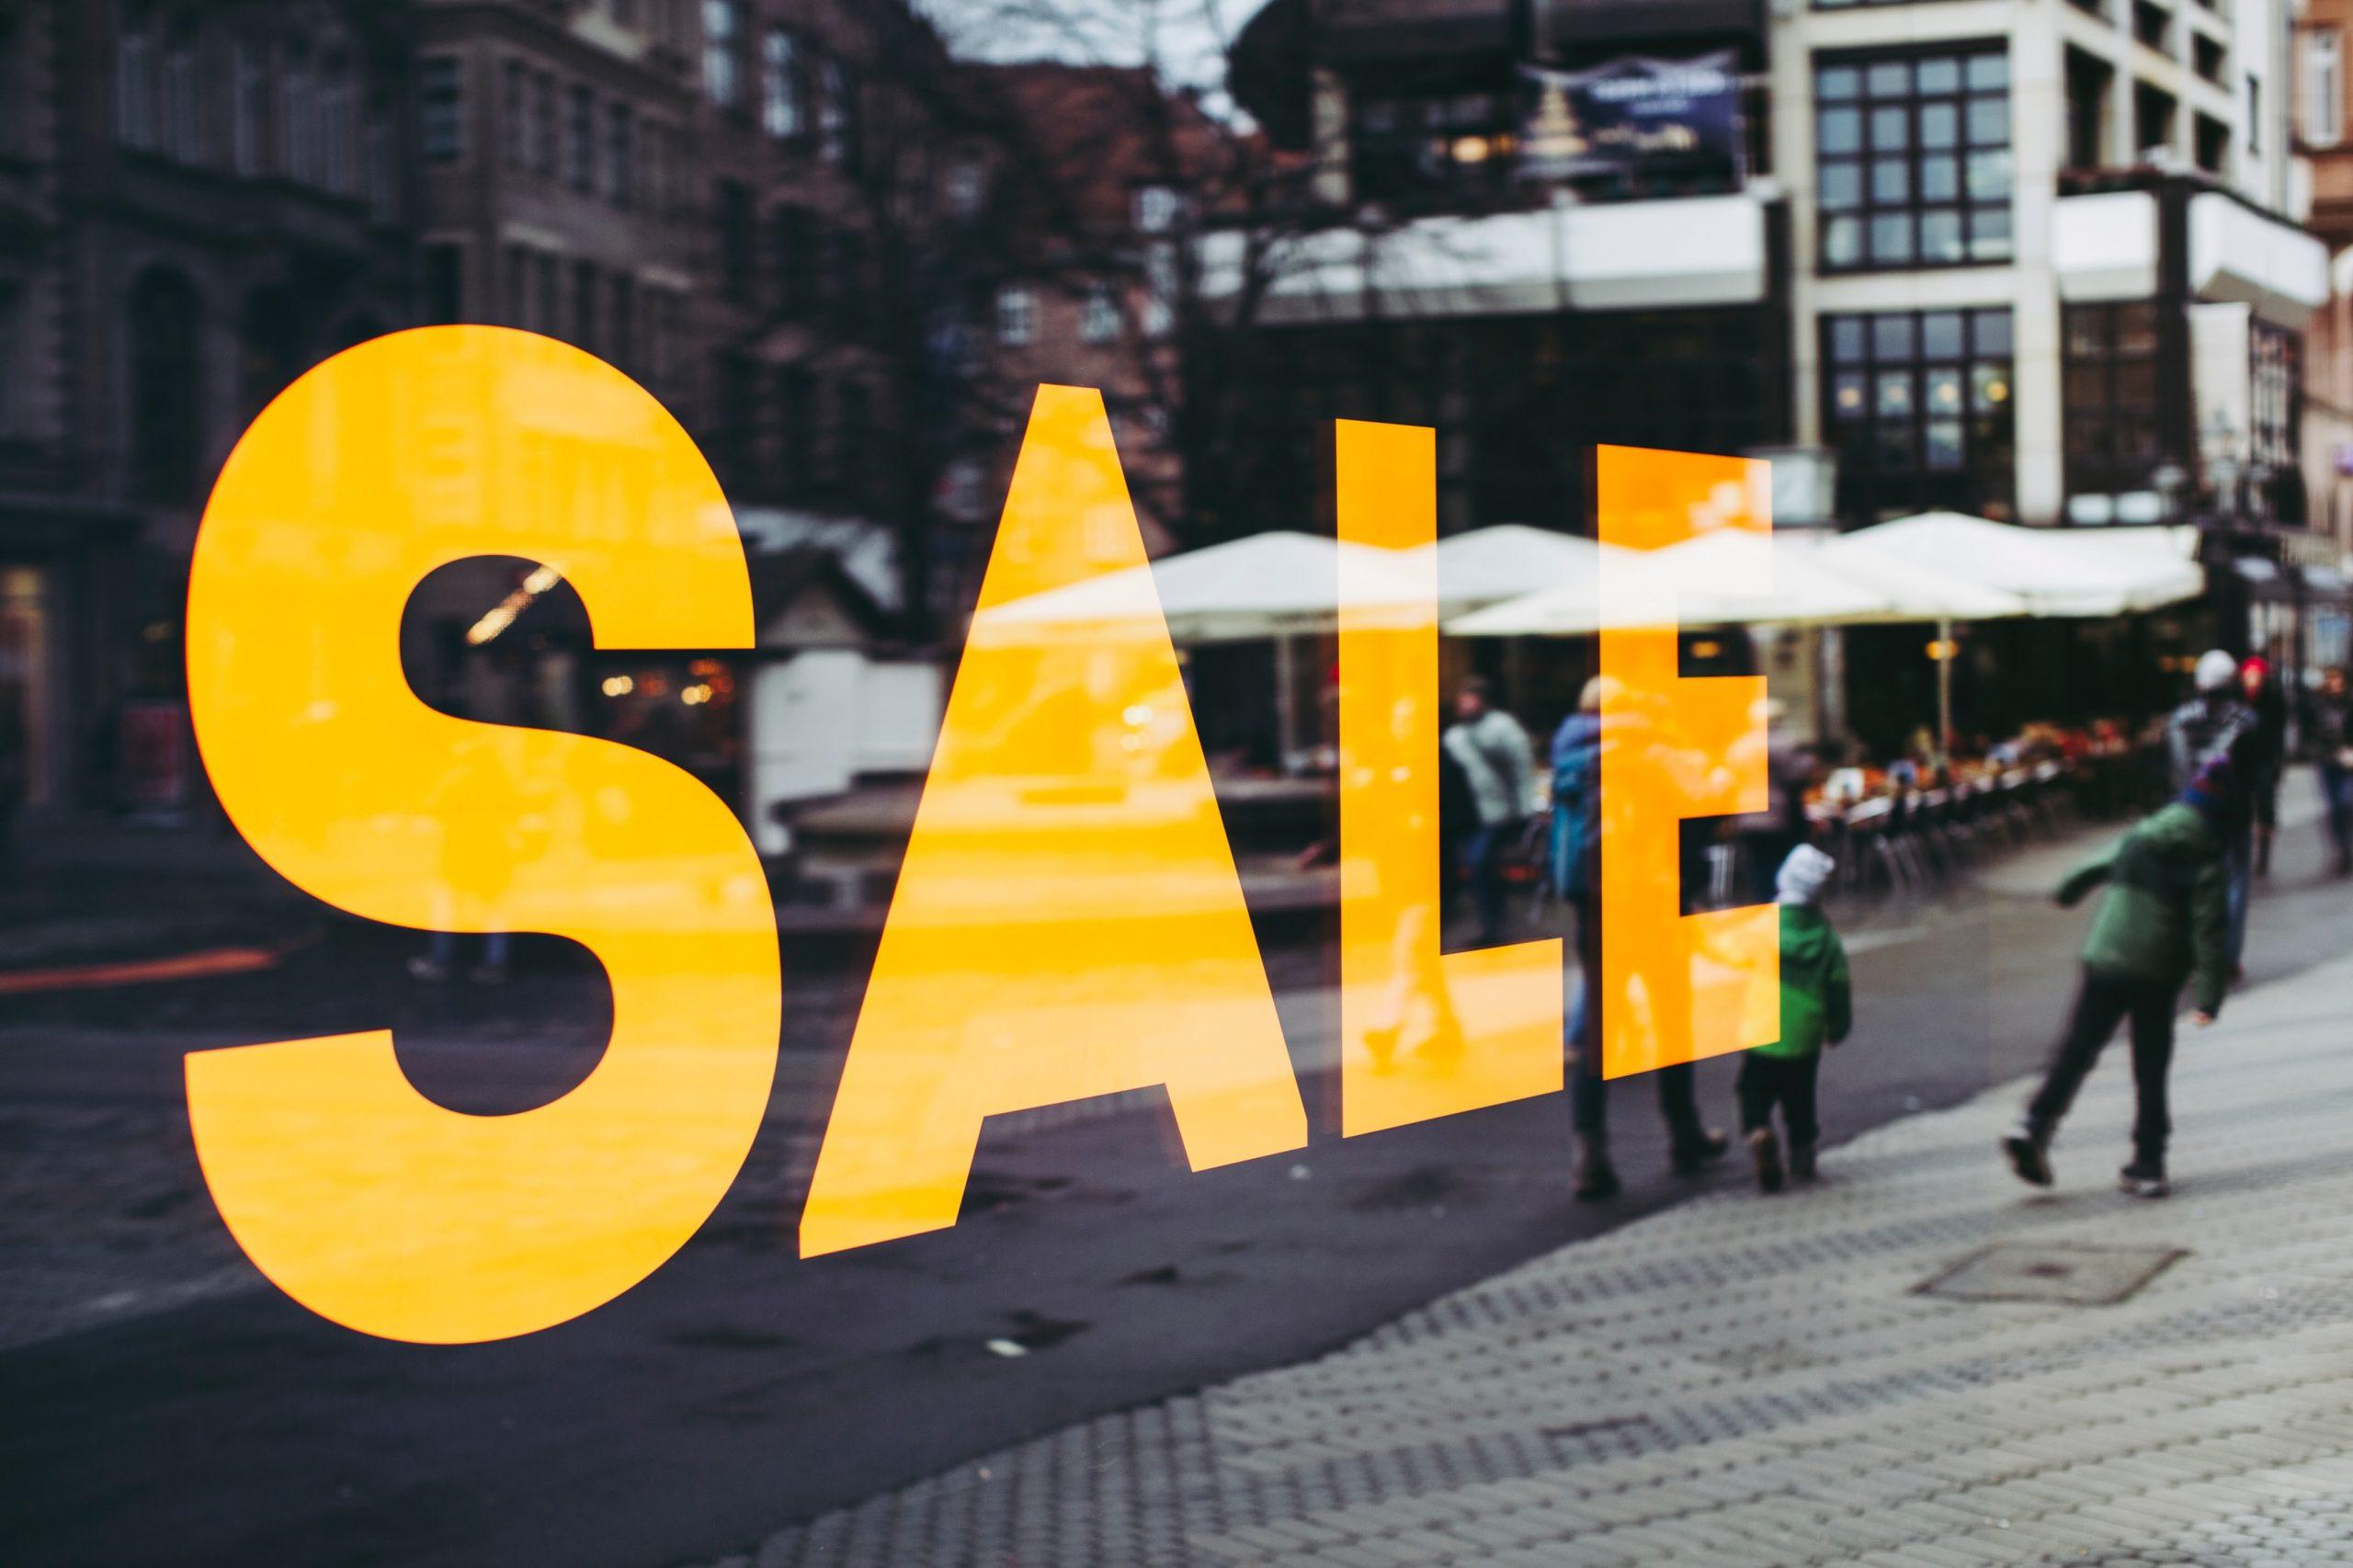 Amazonに大口出品でかかる手数料まとめ【2020年6月最新】